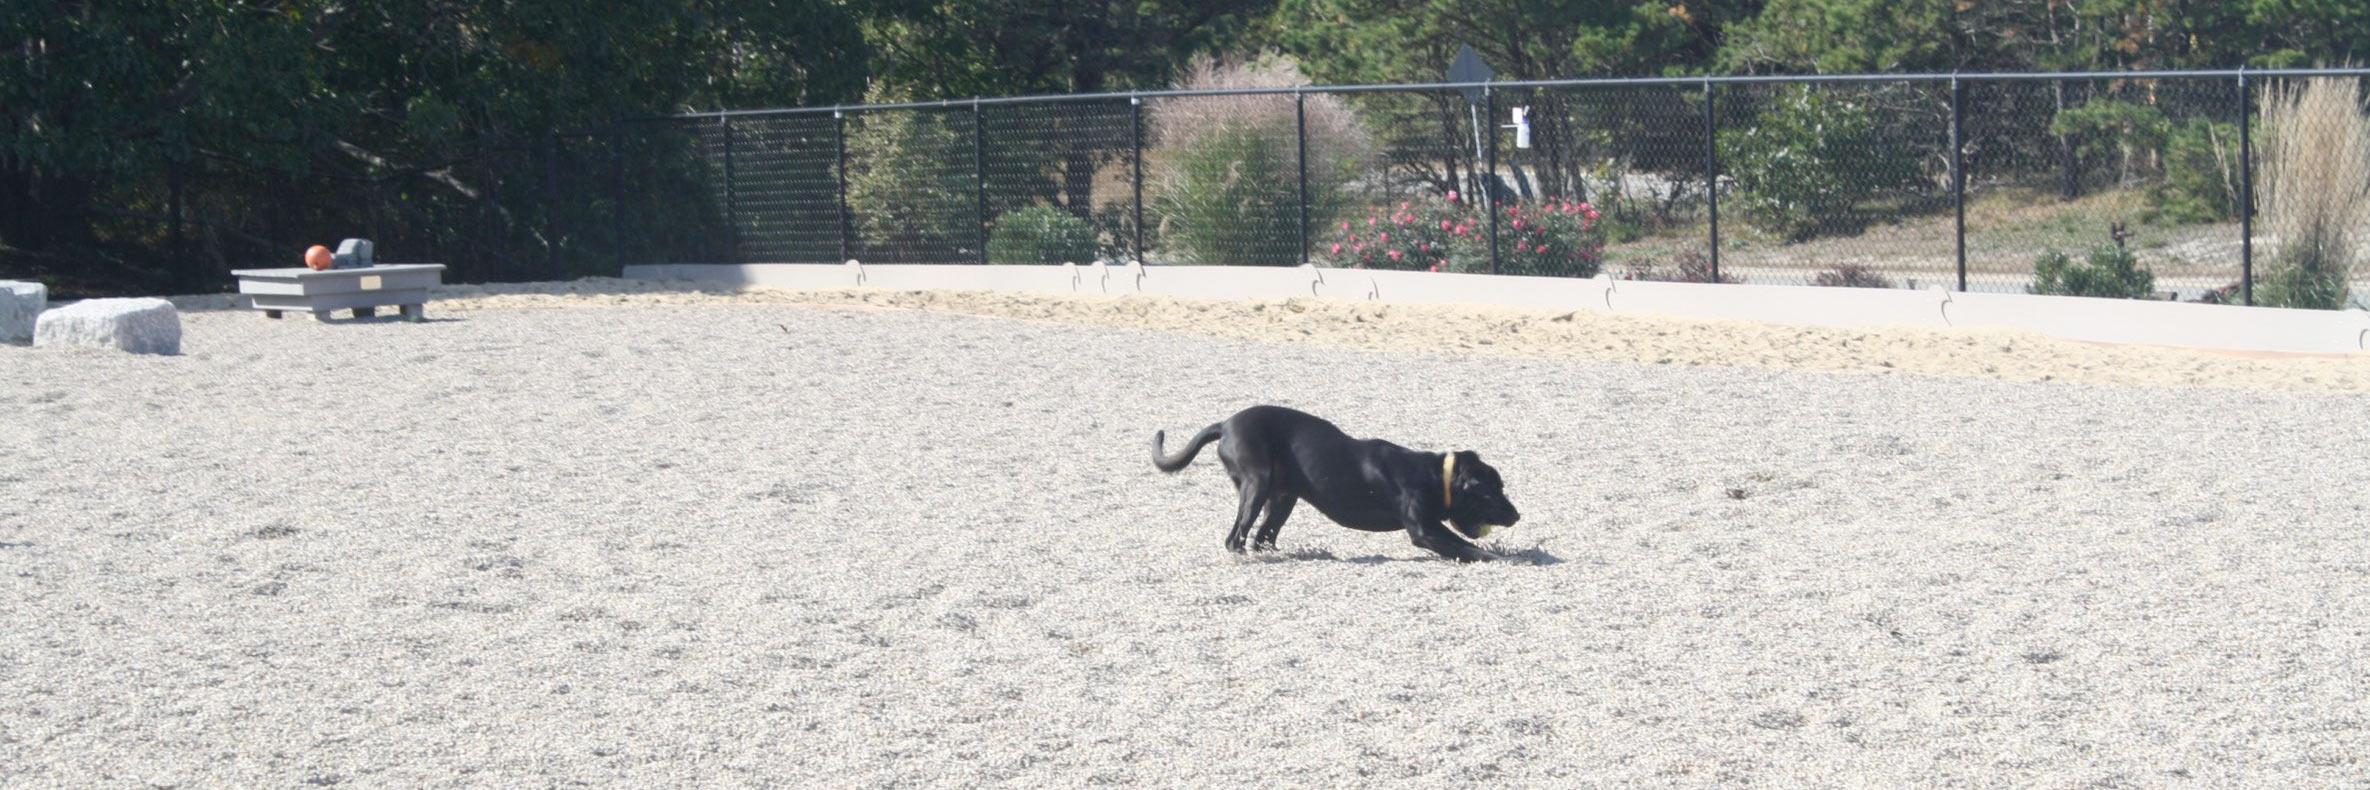 A dog runs free at the Pilgrim Bark Park, P-town's dog park.